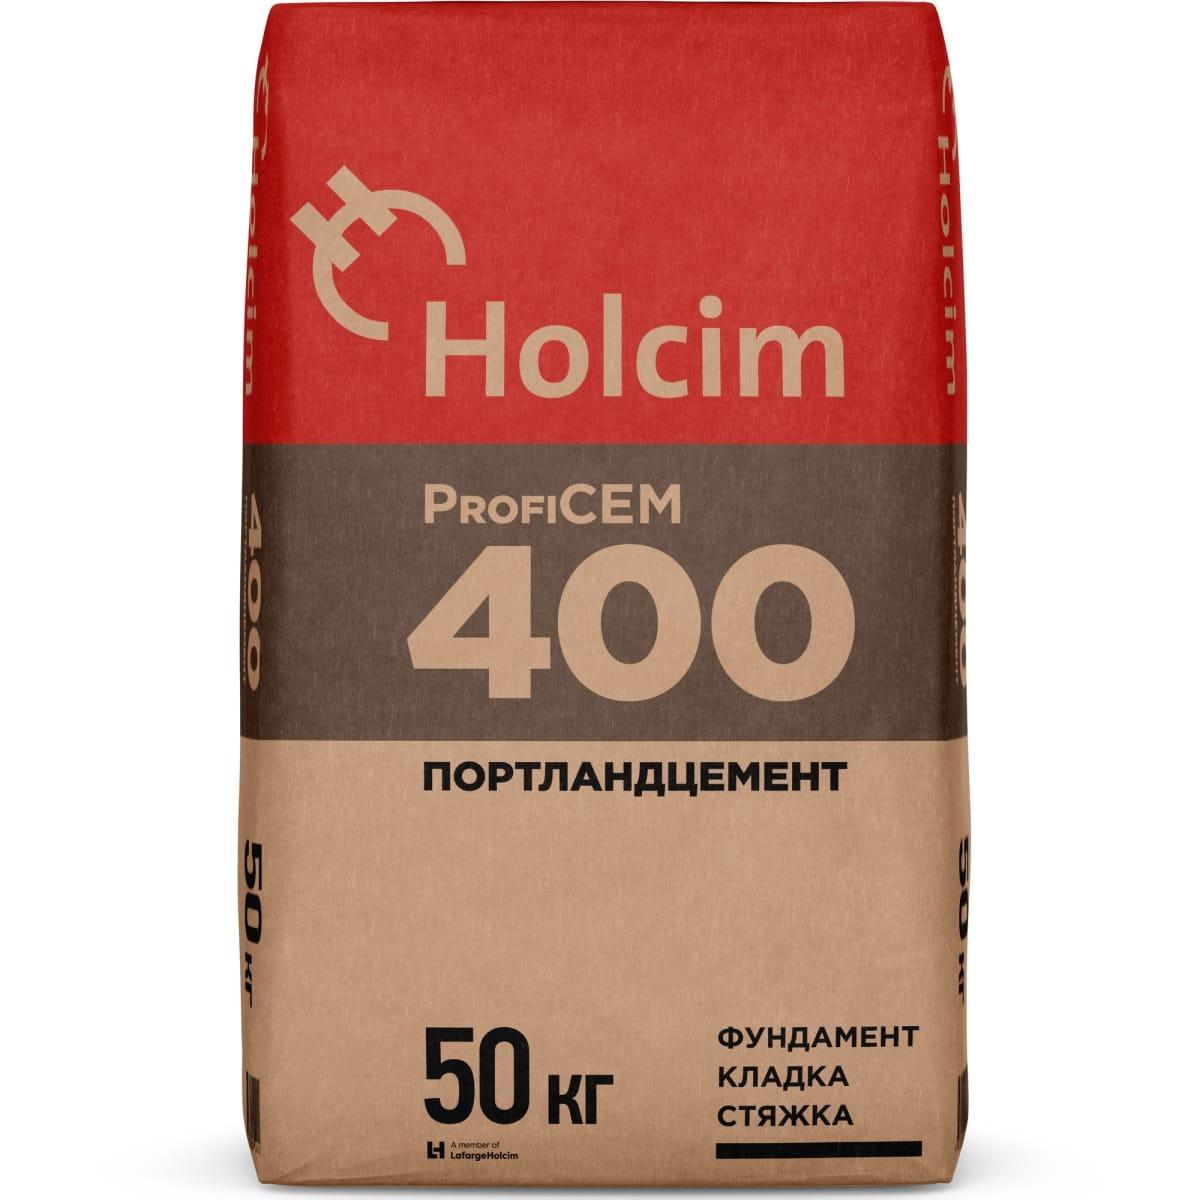 Леруа мерлен цемент купить в москве биопирен для бетона